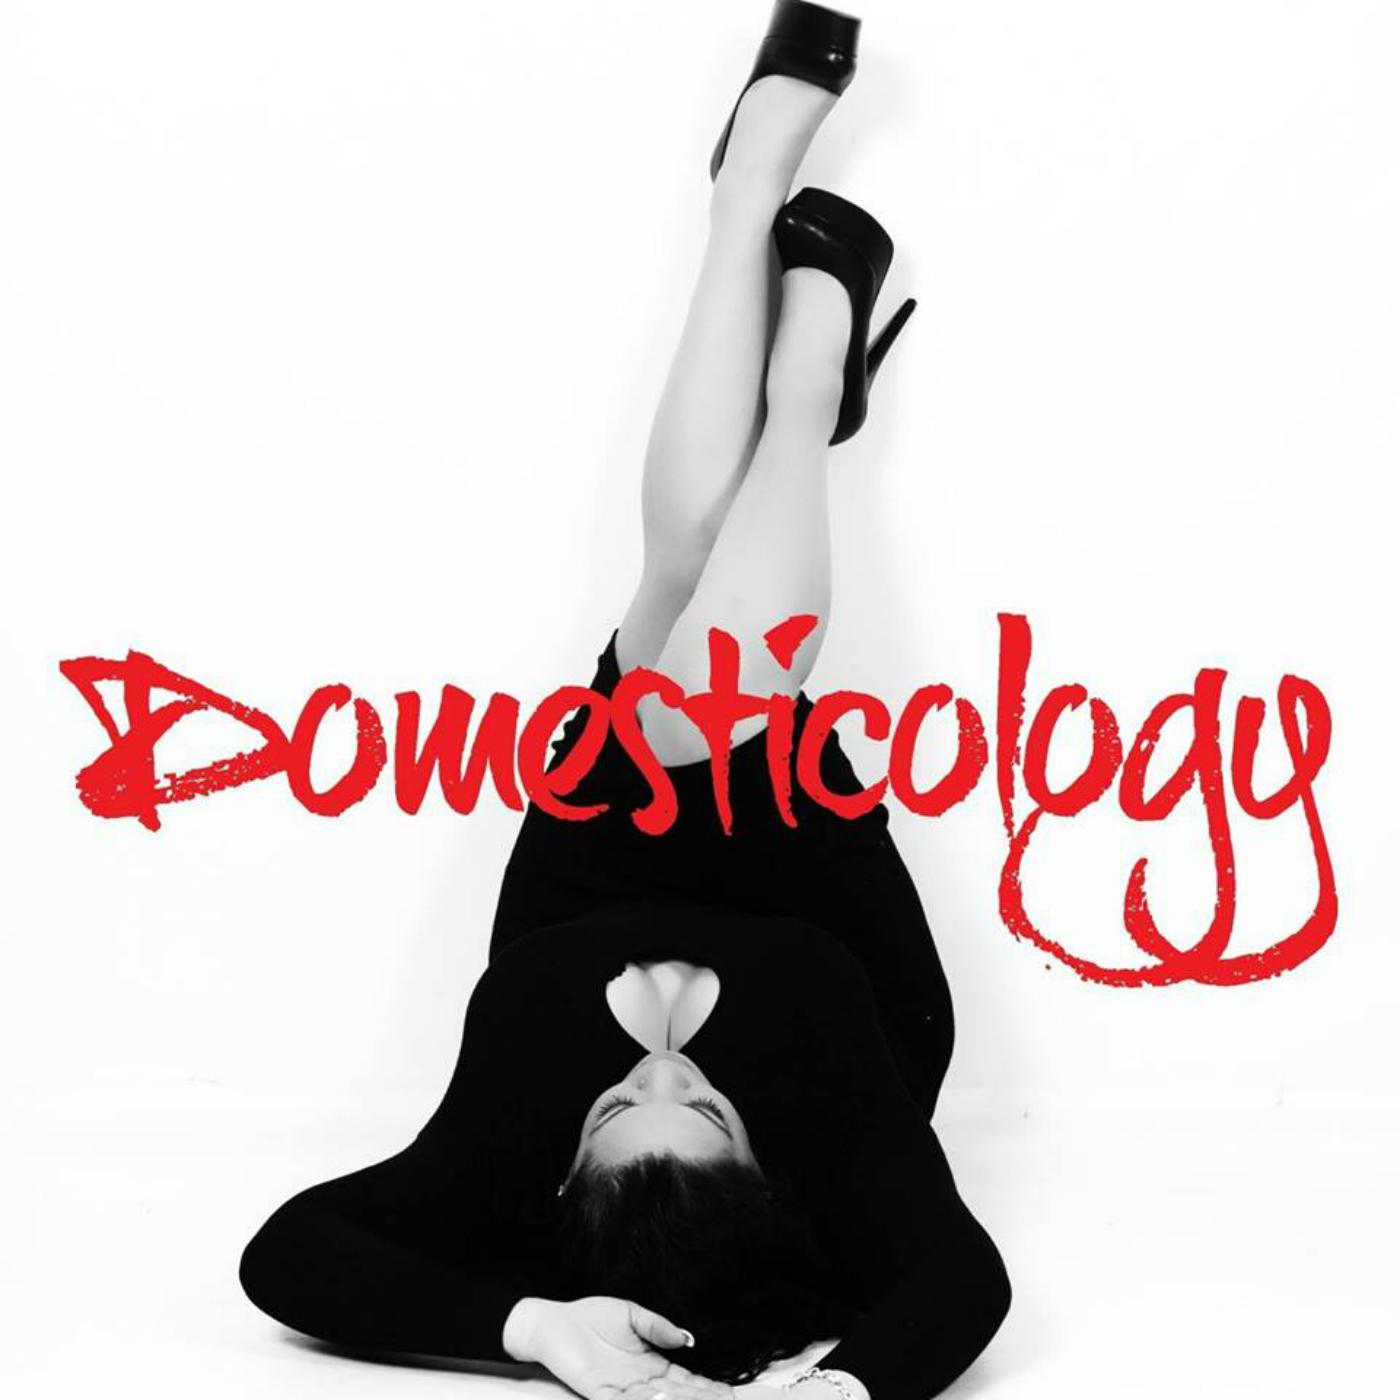 Domesticology